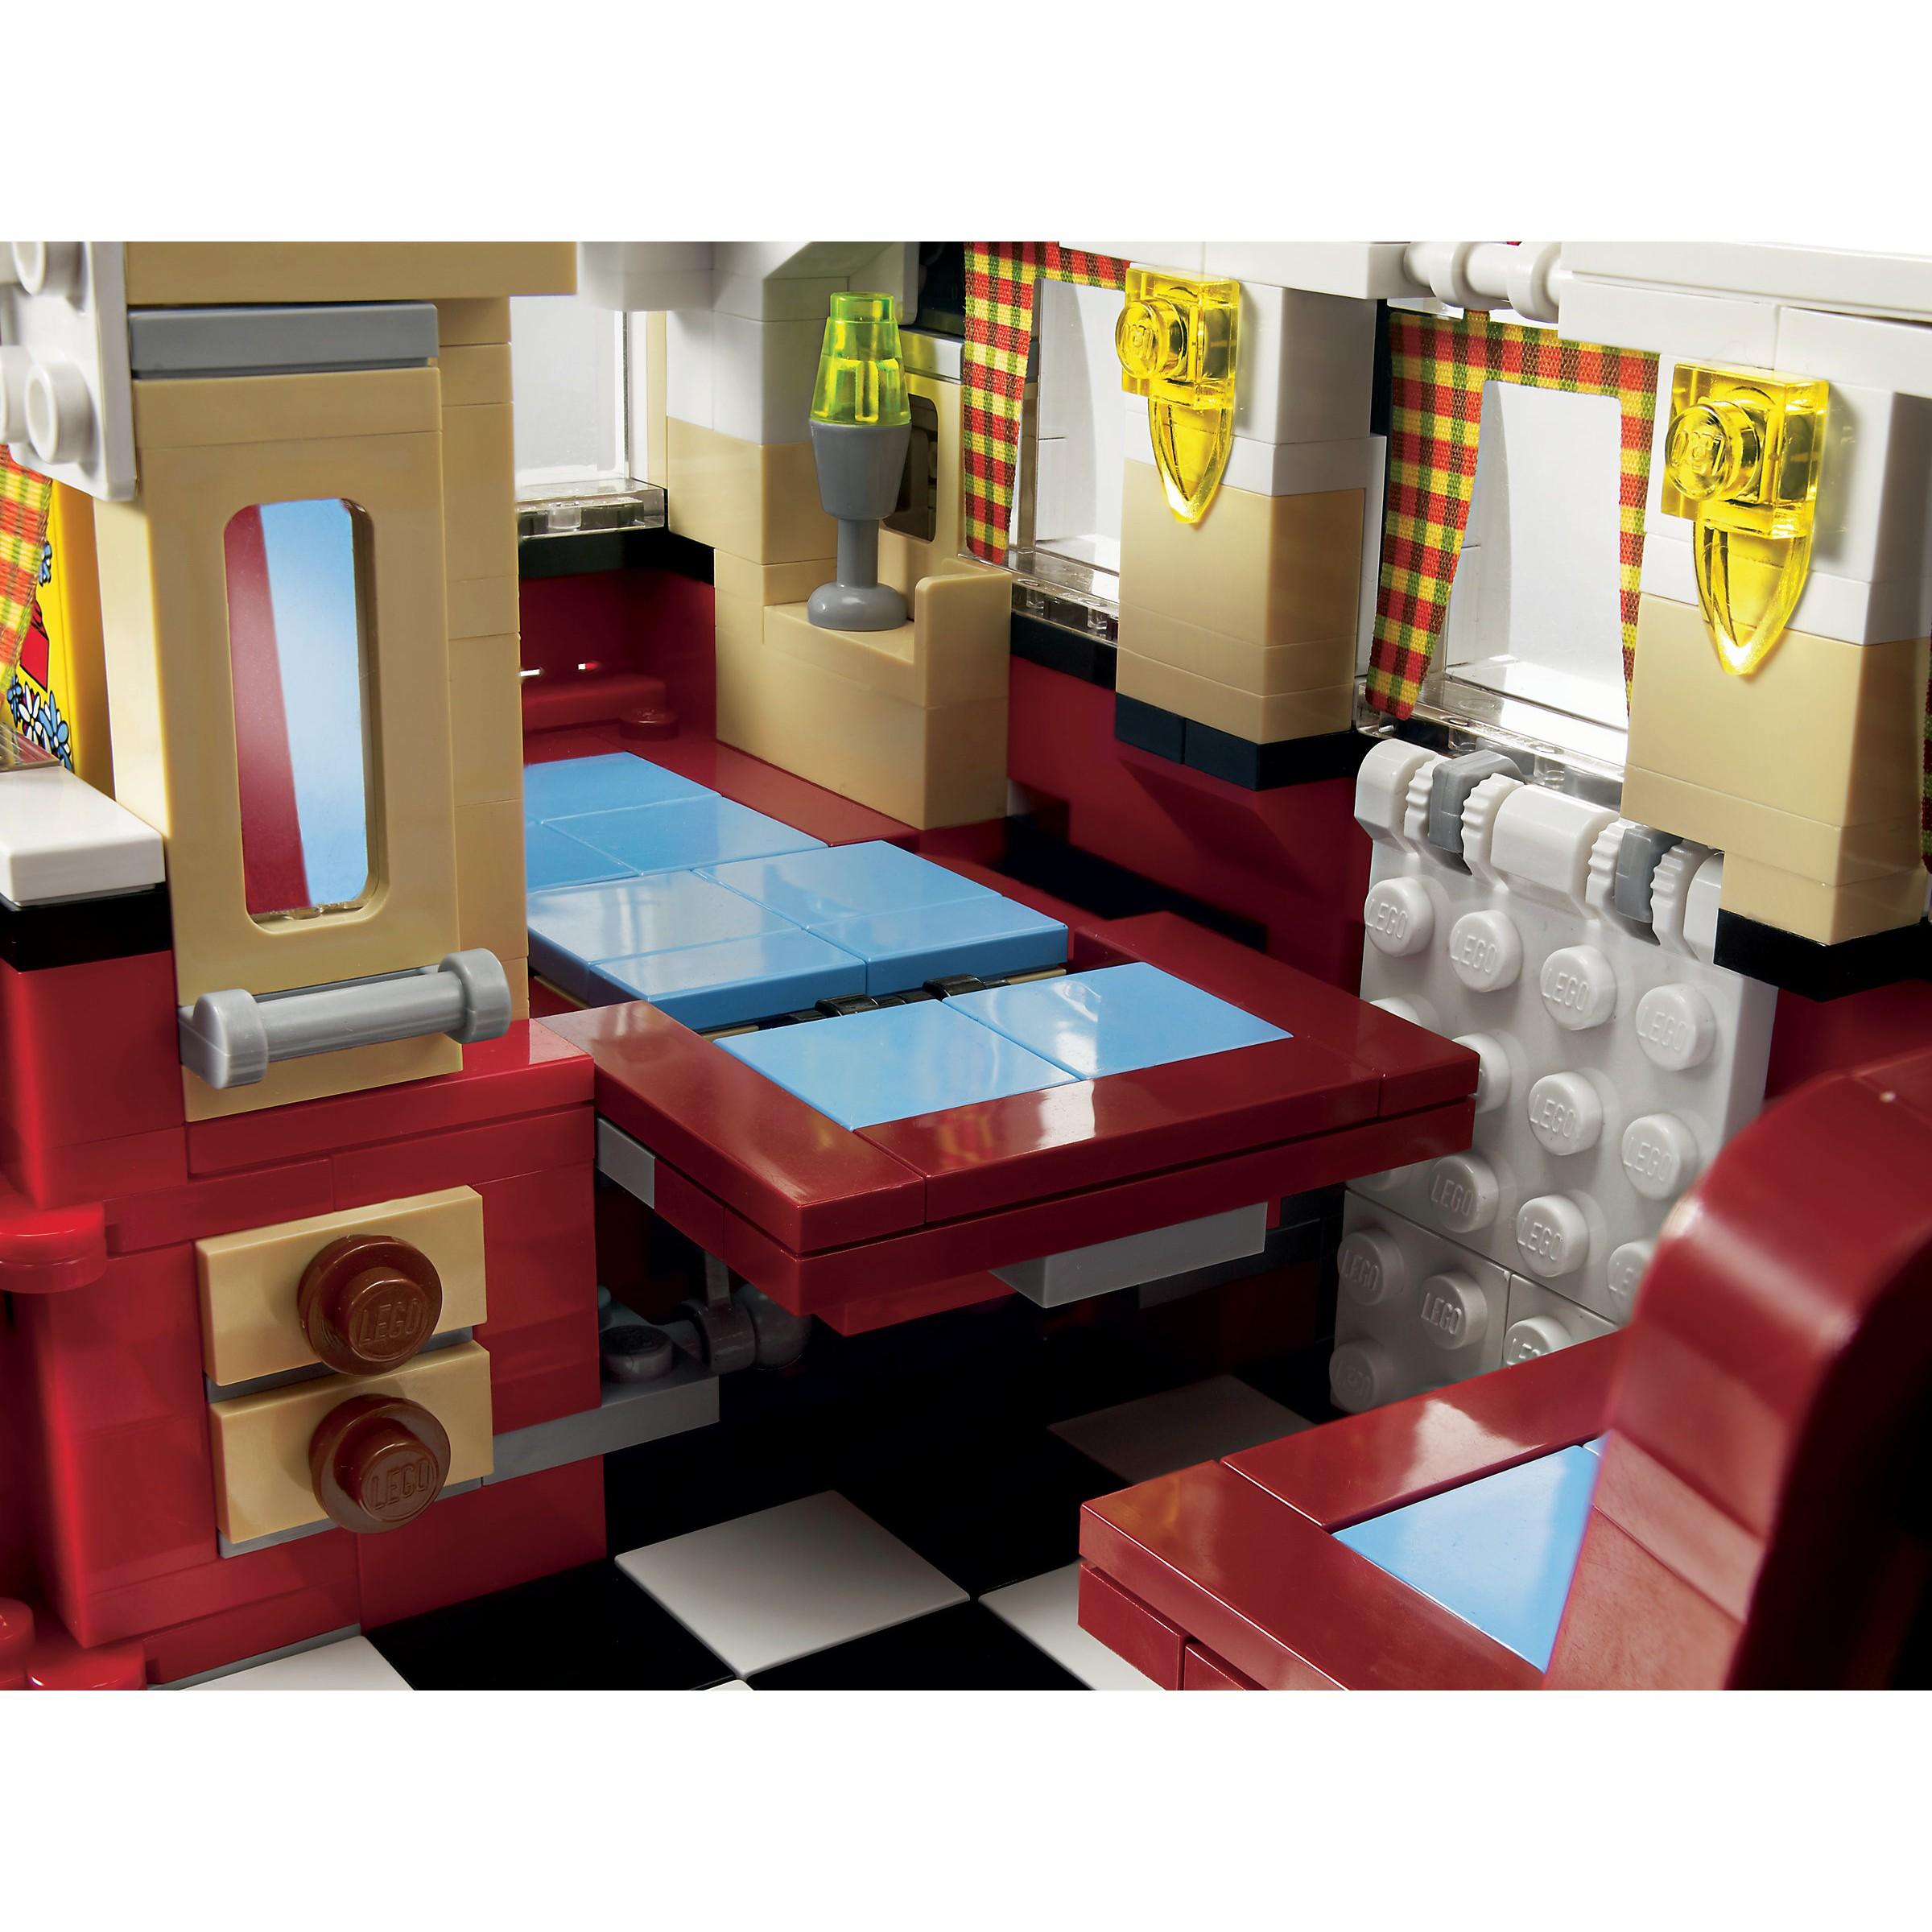 Lego 10220 creator volkswagen t1 camper kombi van at hobby for Interieur combi vw